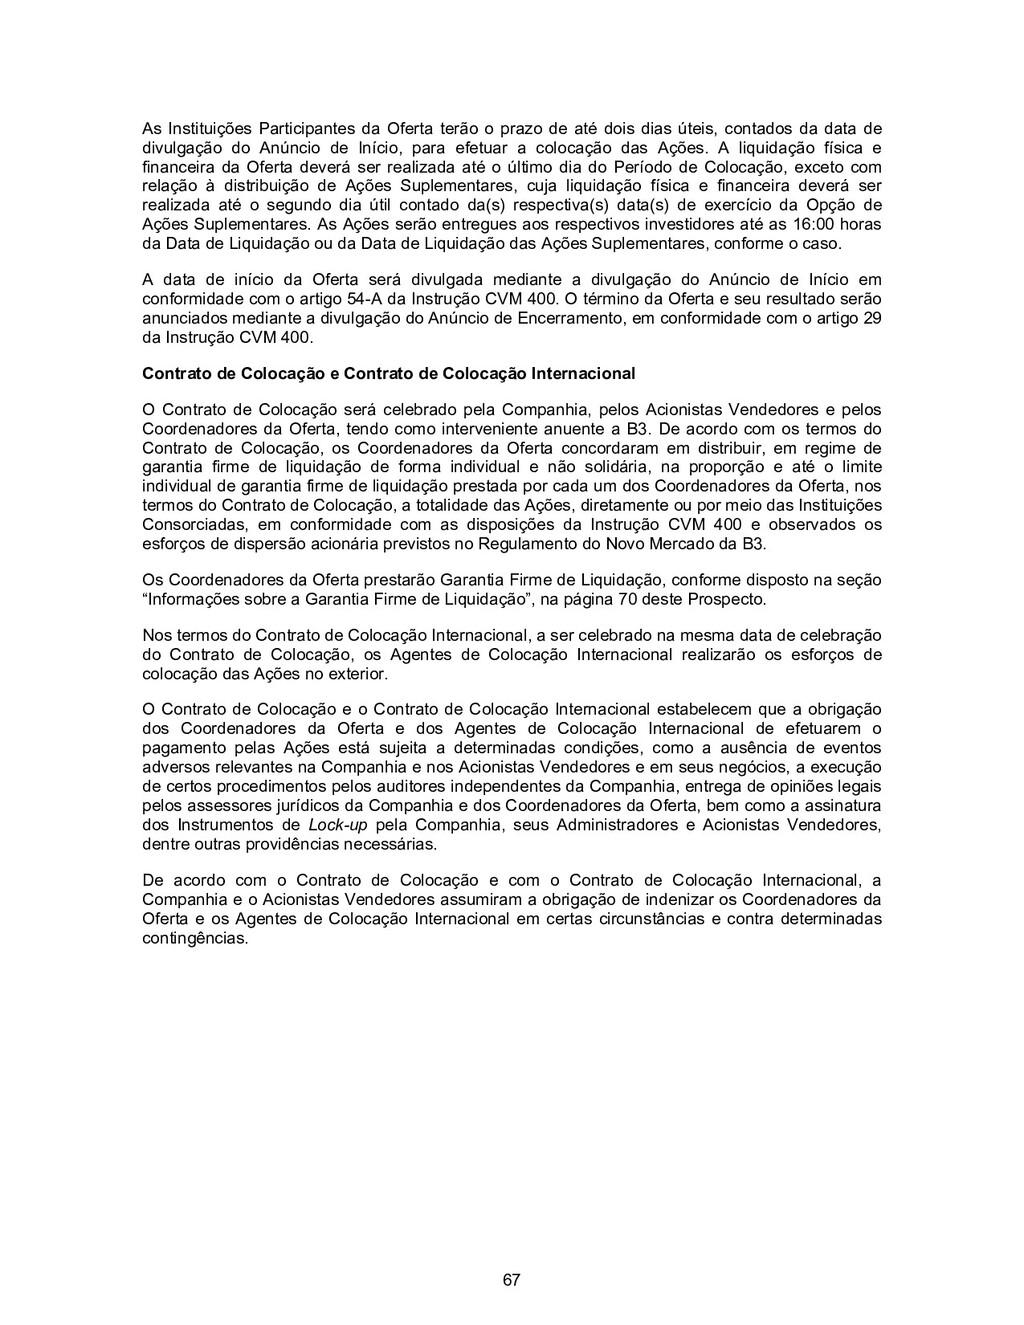 67 As Instituições Participantes da Oferta terã...